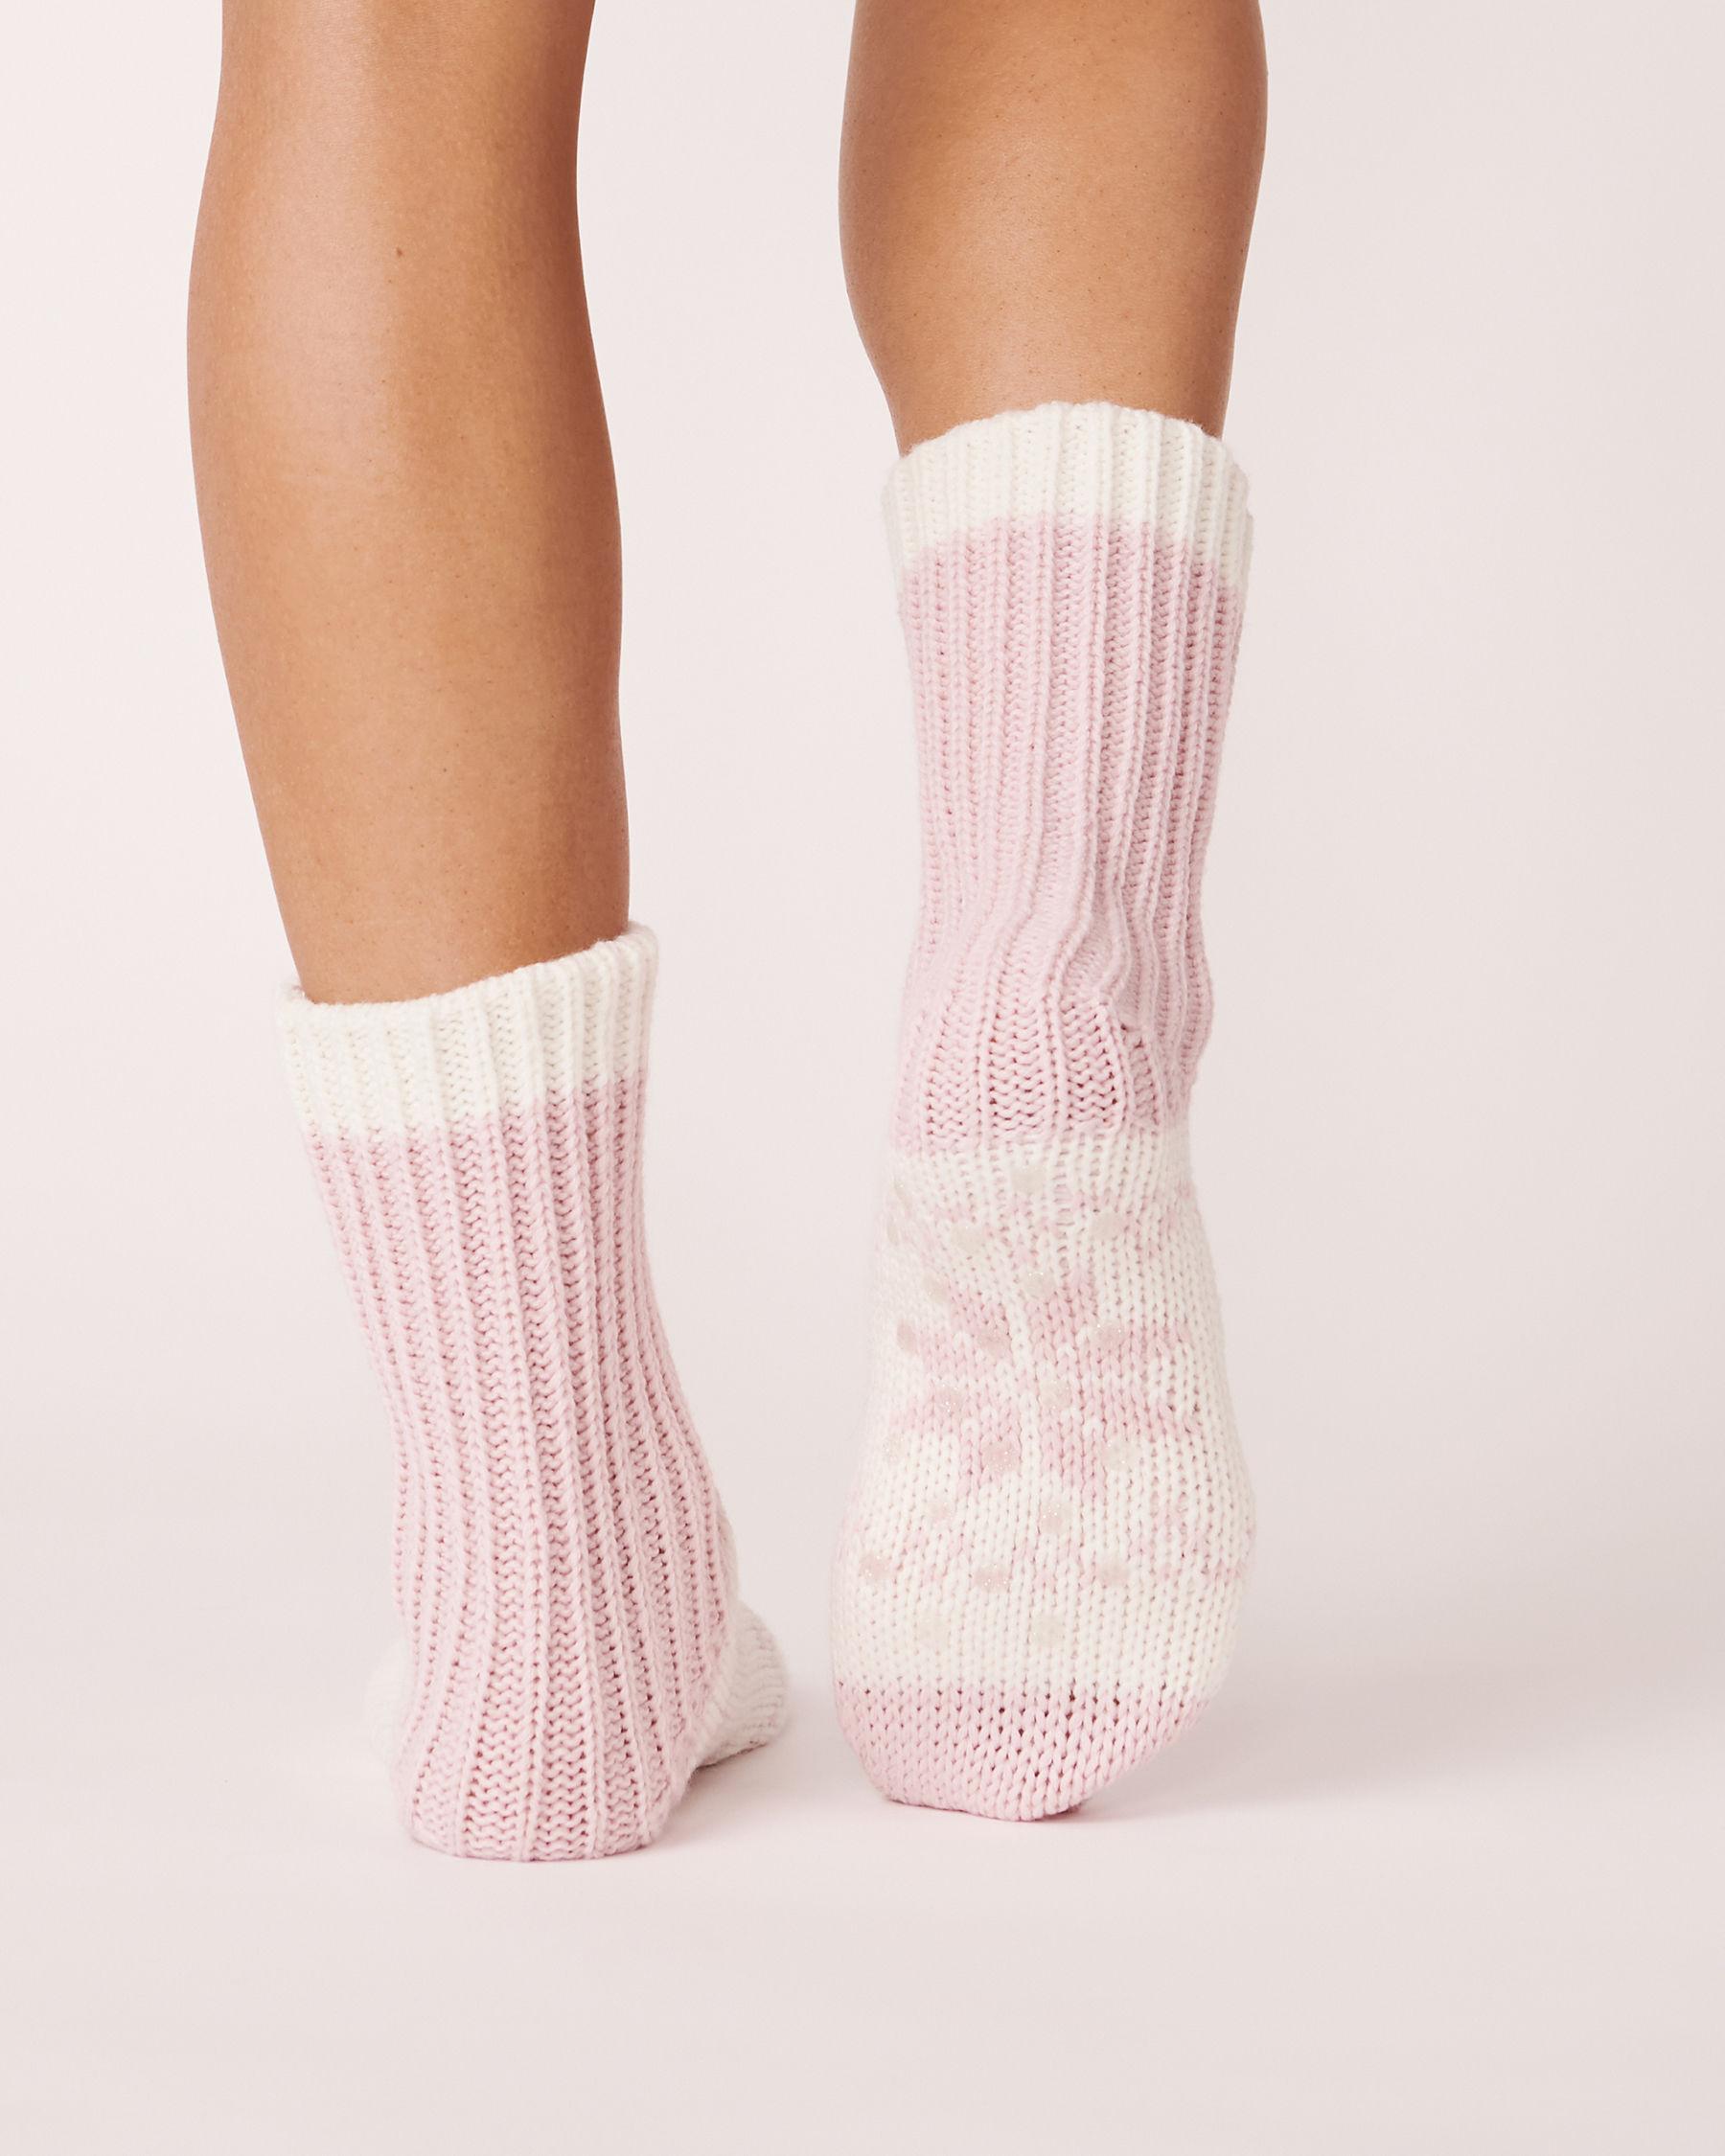 LA VIE EN ROSE Bas en tricot imprimé nordique Rose 559-514-0-09 - Voir2